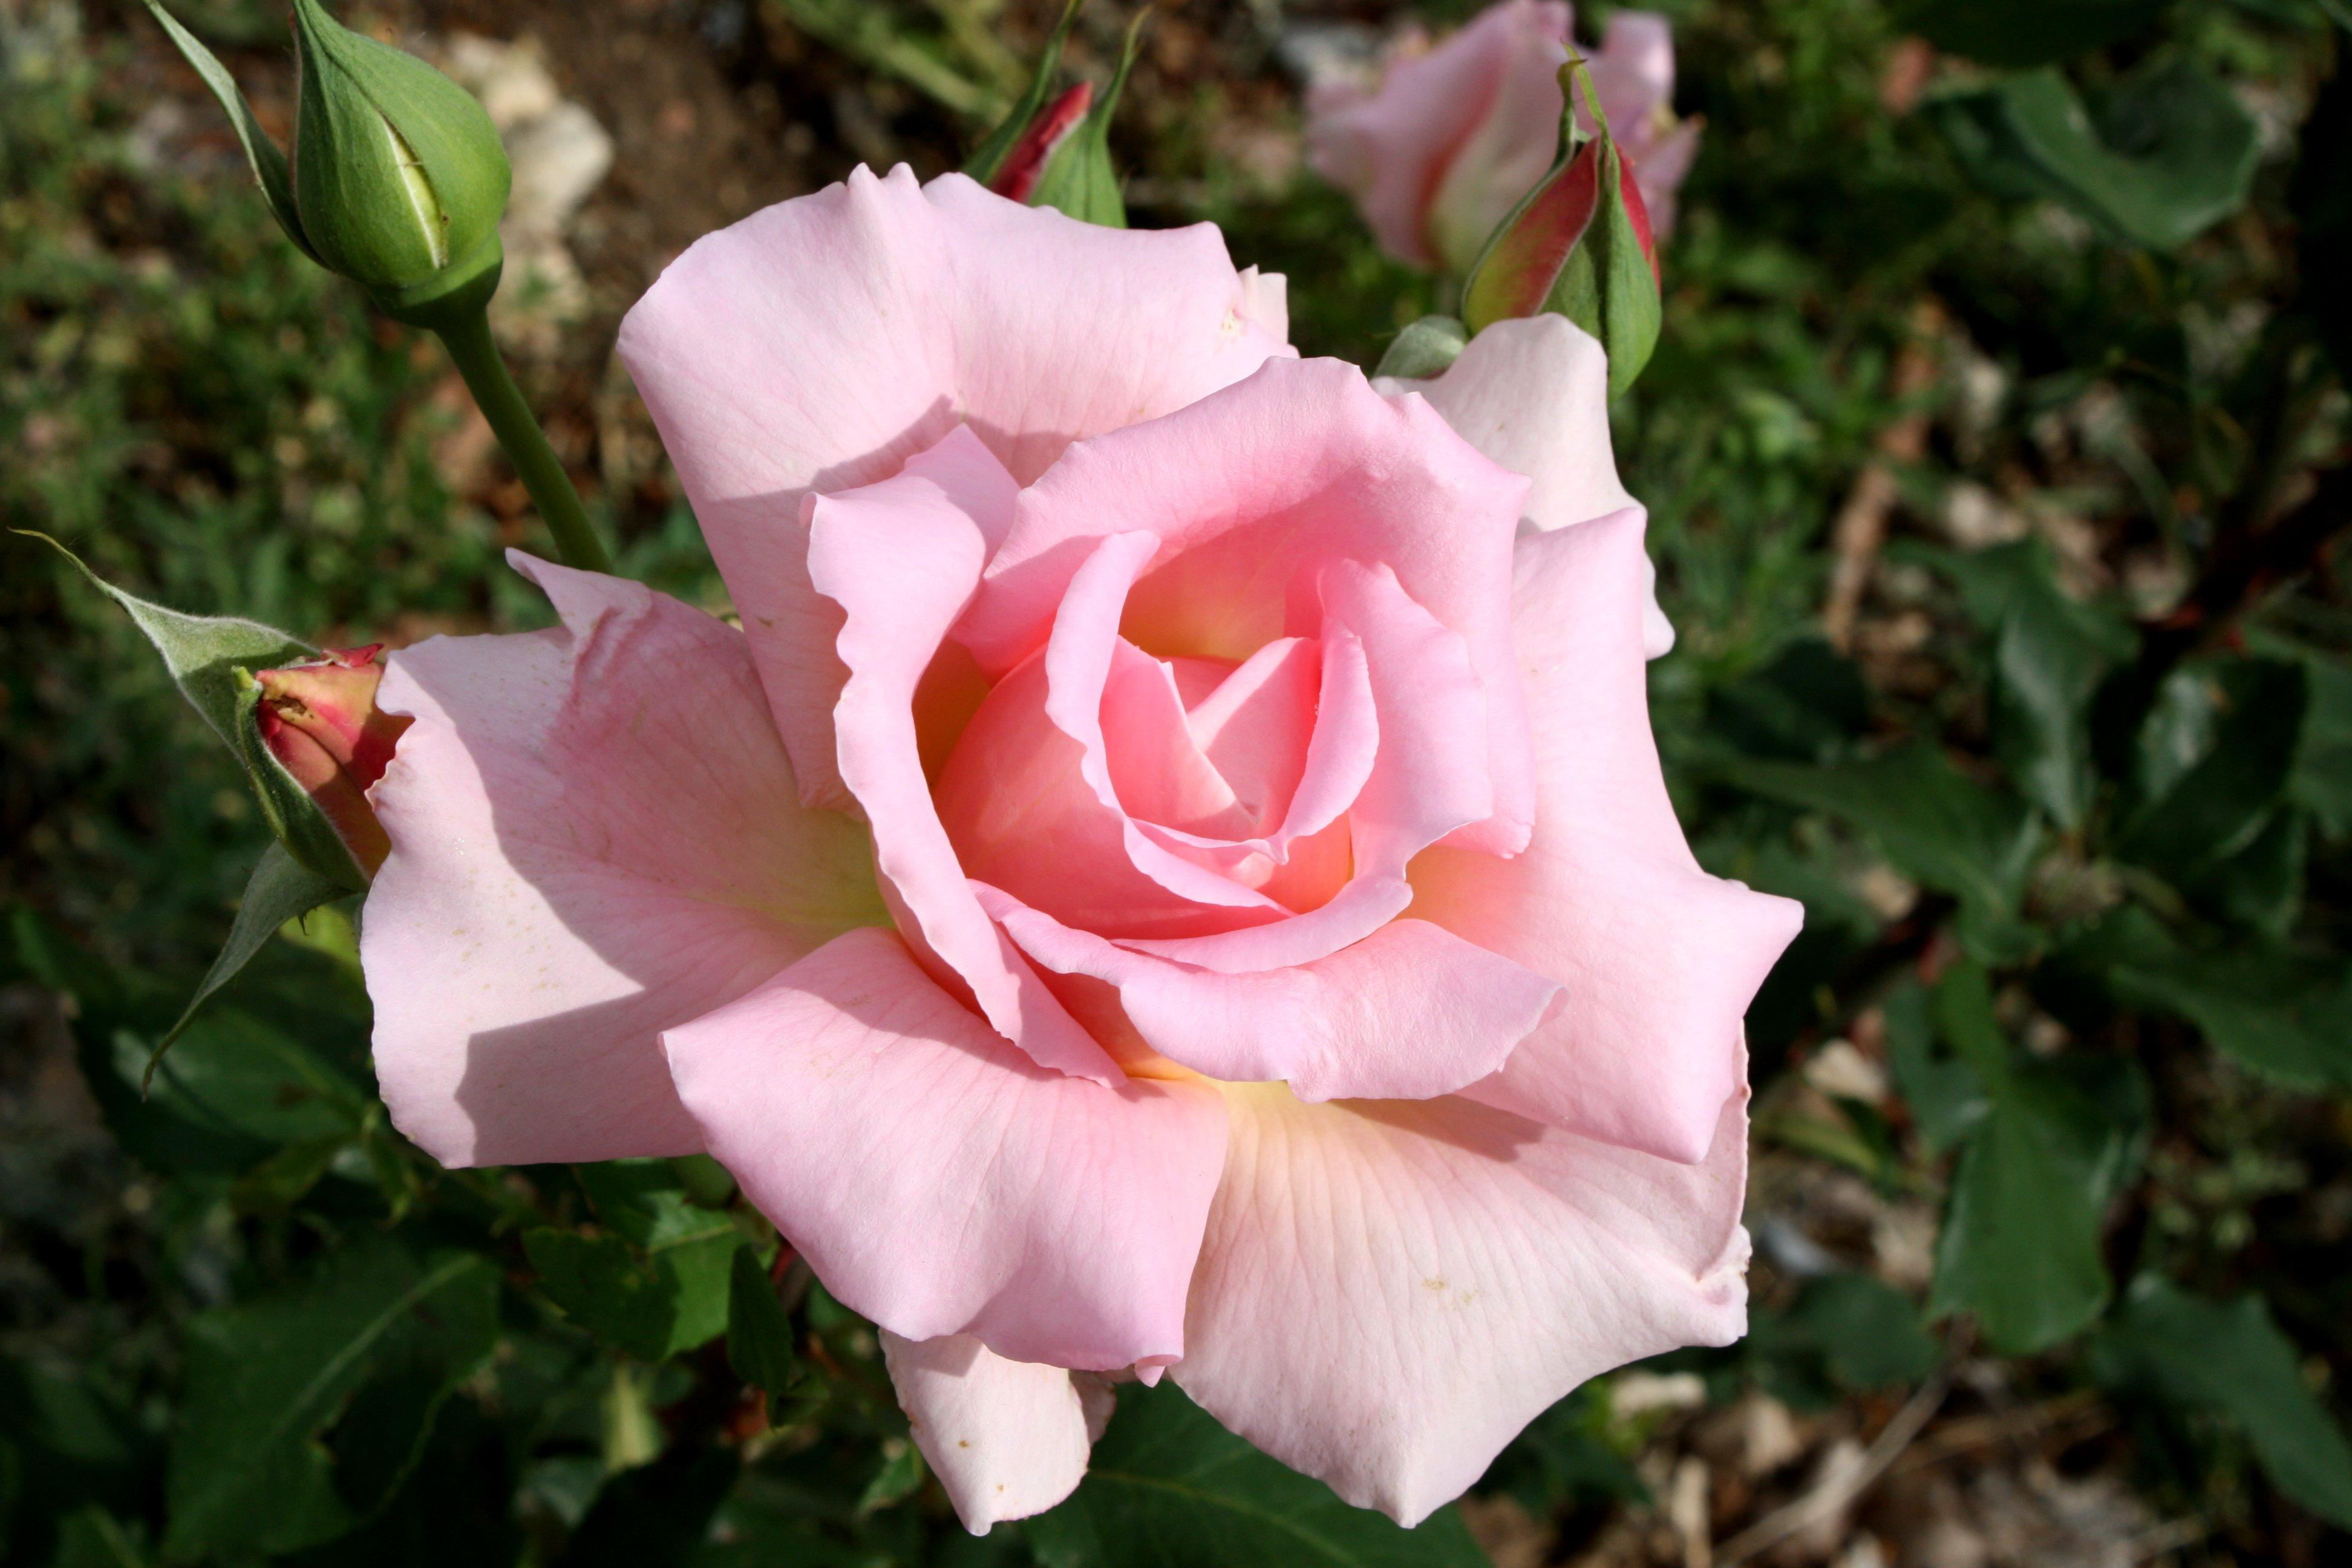 pink-rose-in-full-bloom.jpg